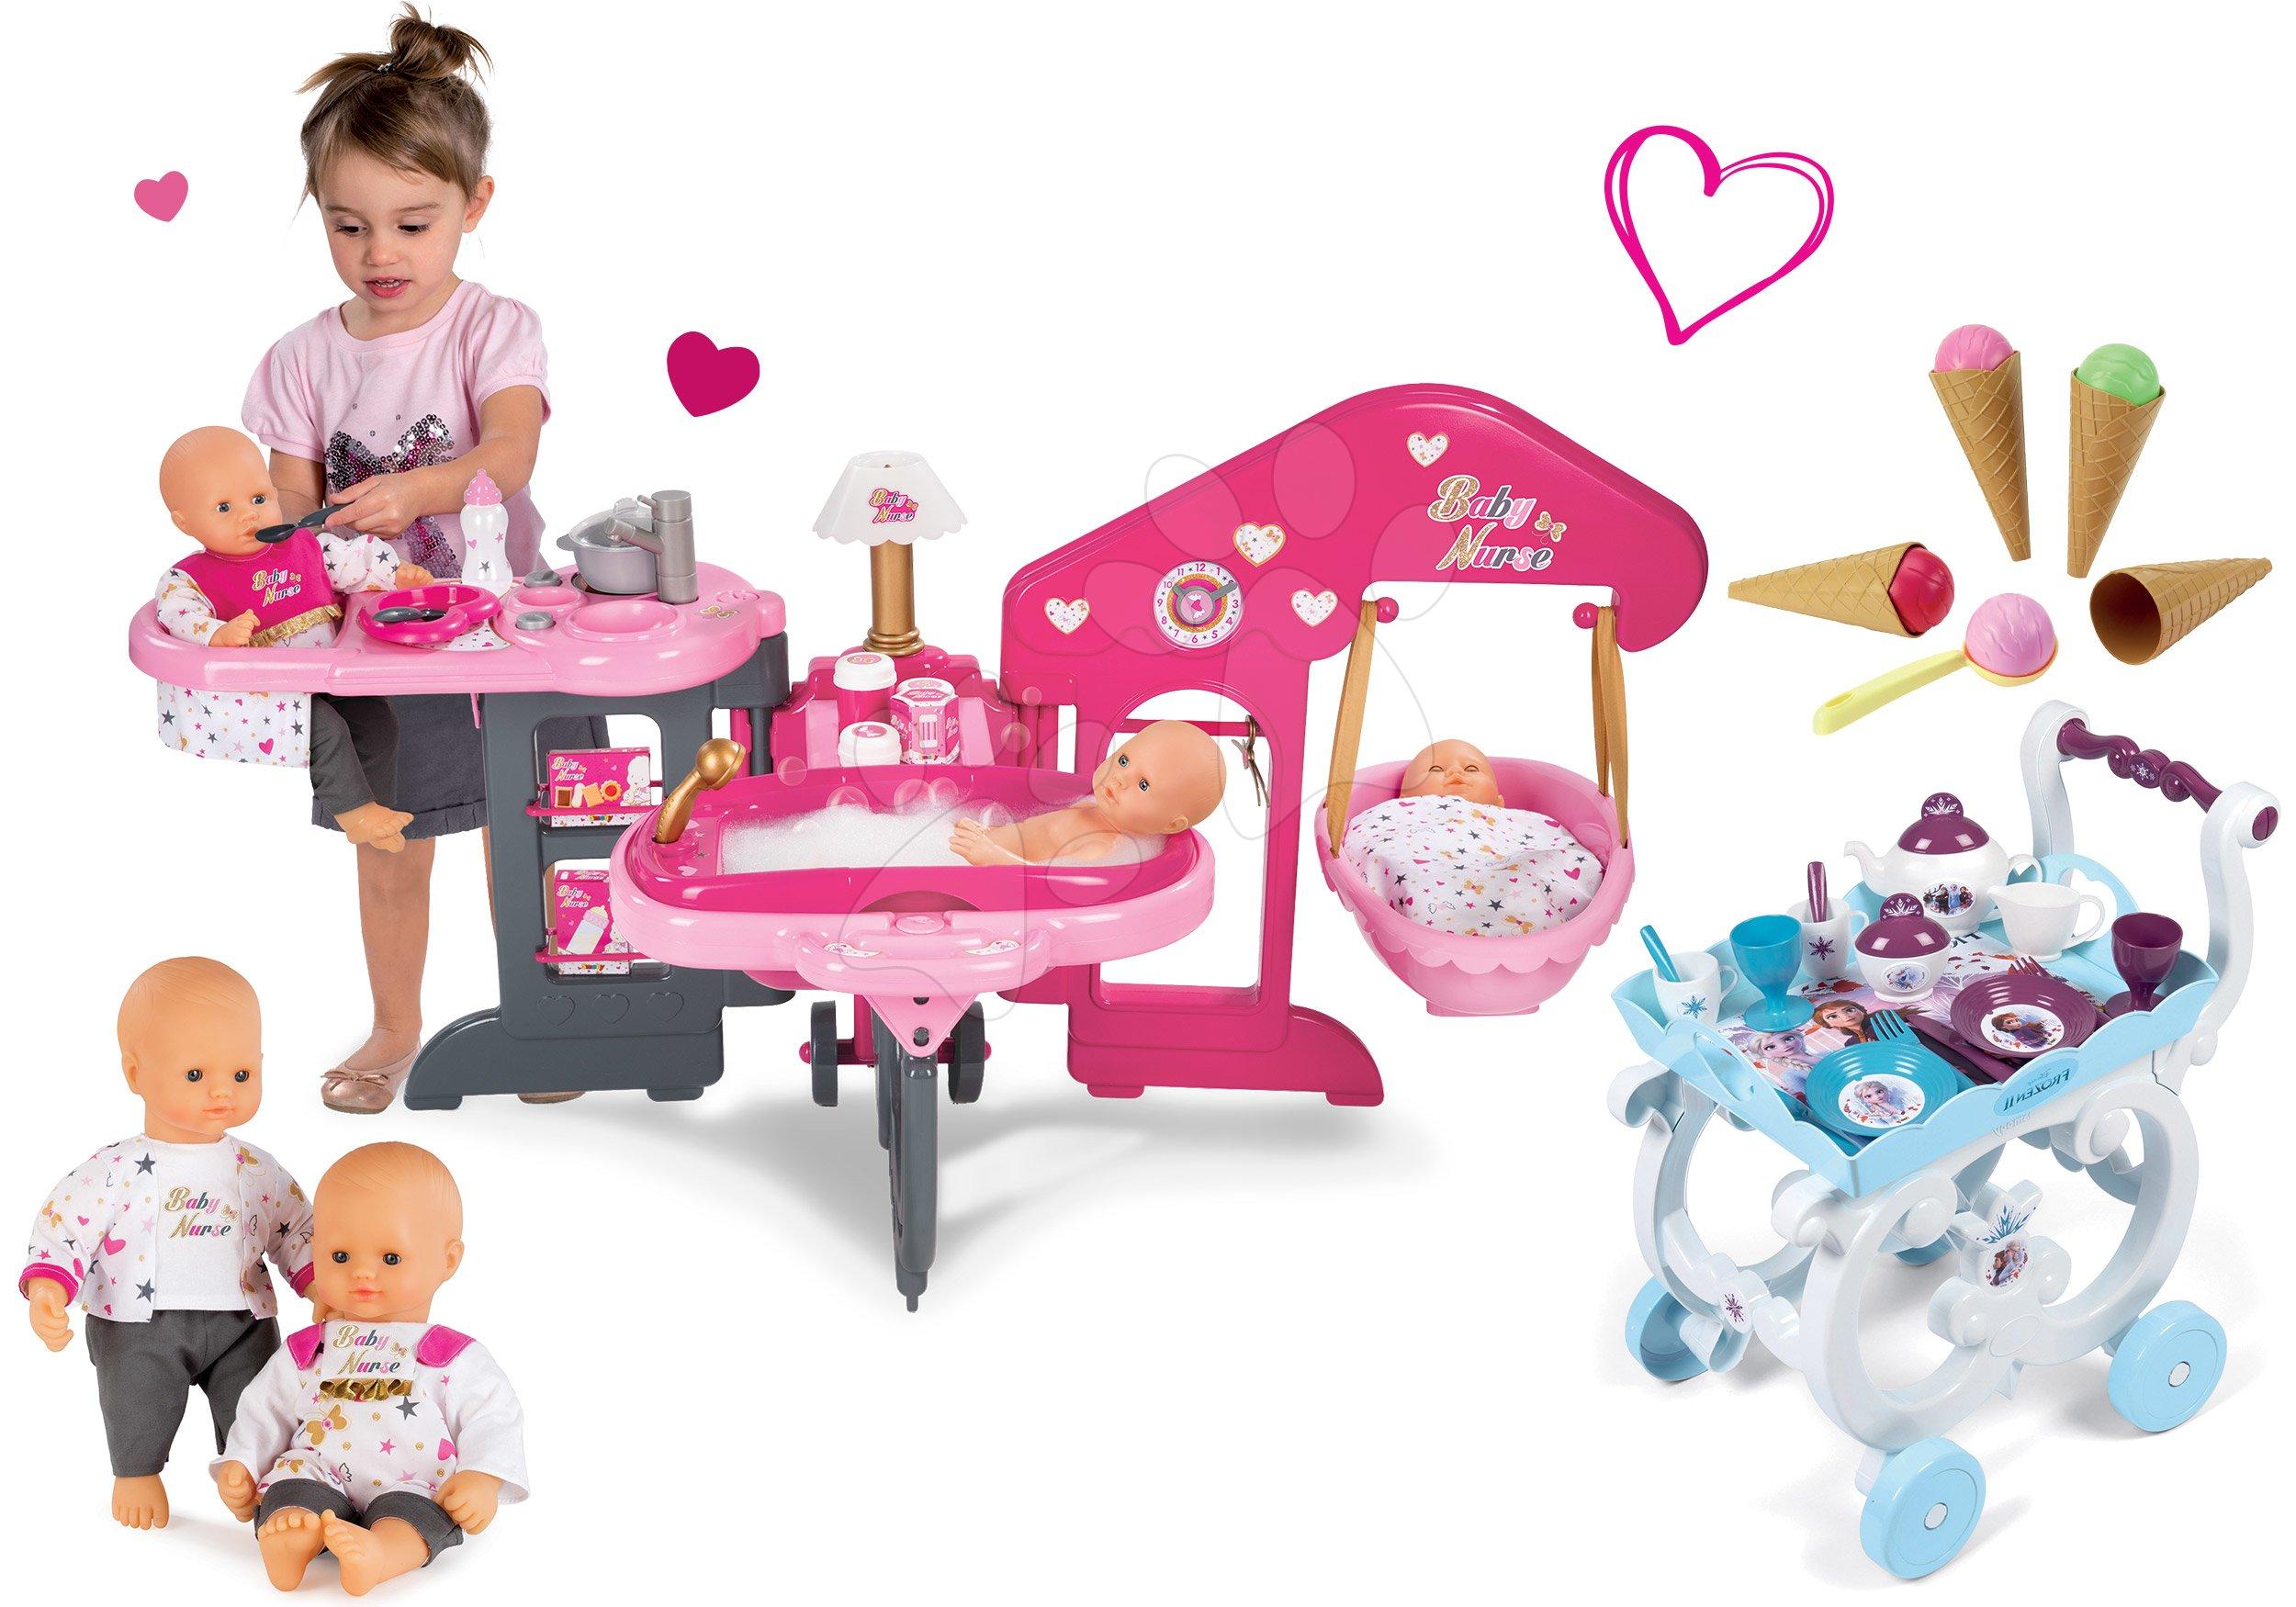 Set domeček pro panenku Baby Nurse Smoby tříkřídlový, panenka a servírovací vozík Frozen XL Tea Trolley se zmrzlinou